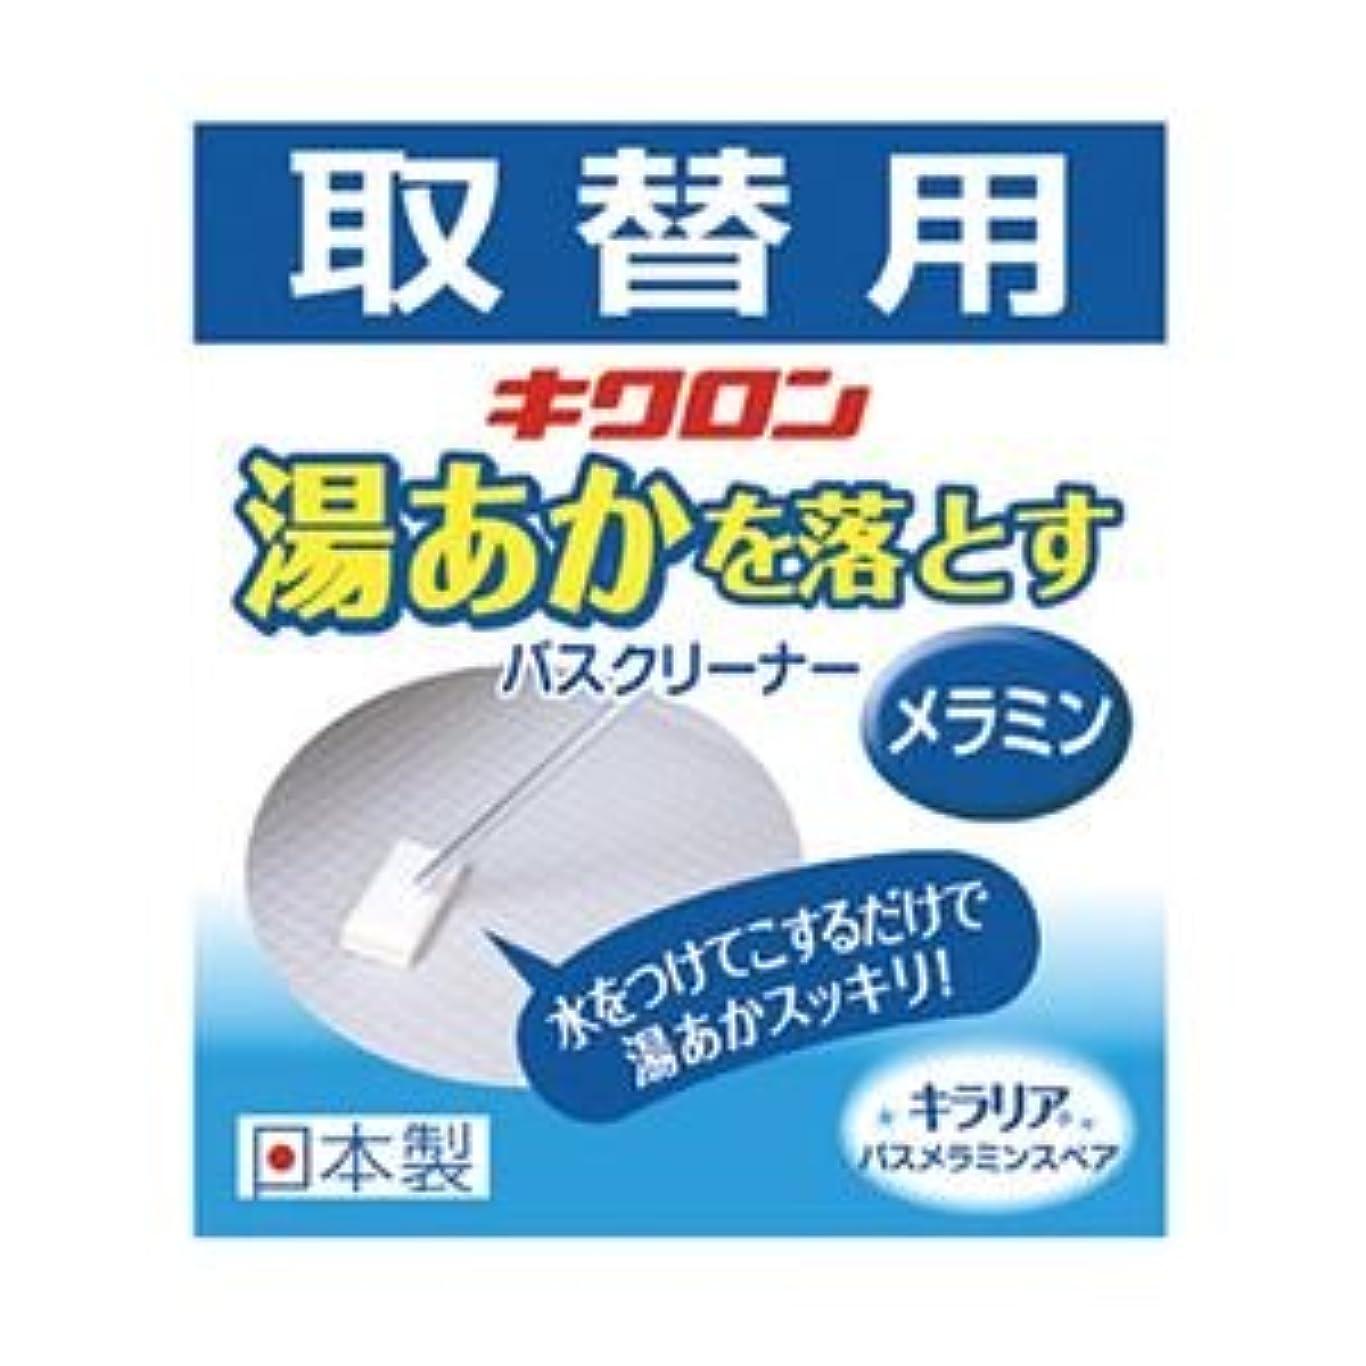 ルアーデッキ楕円形(業務用セット) キクロン バス洗い用メラミンスポンジ 取替用 1個 【×20セット】